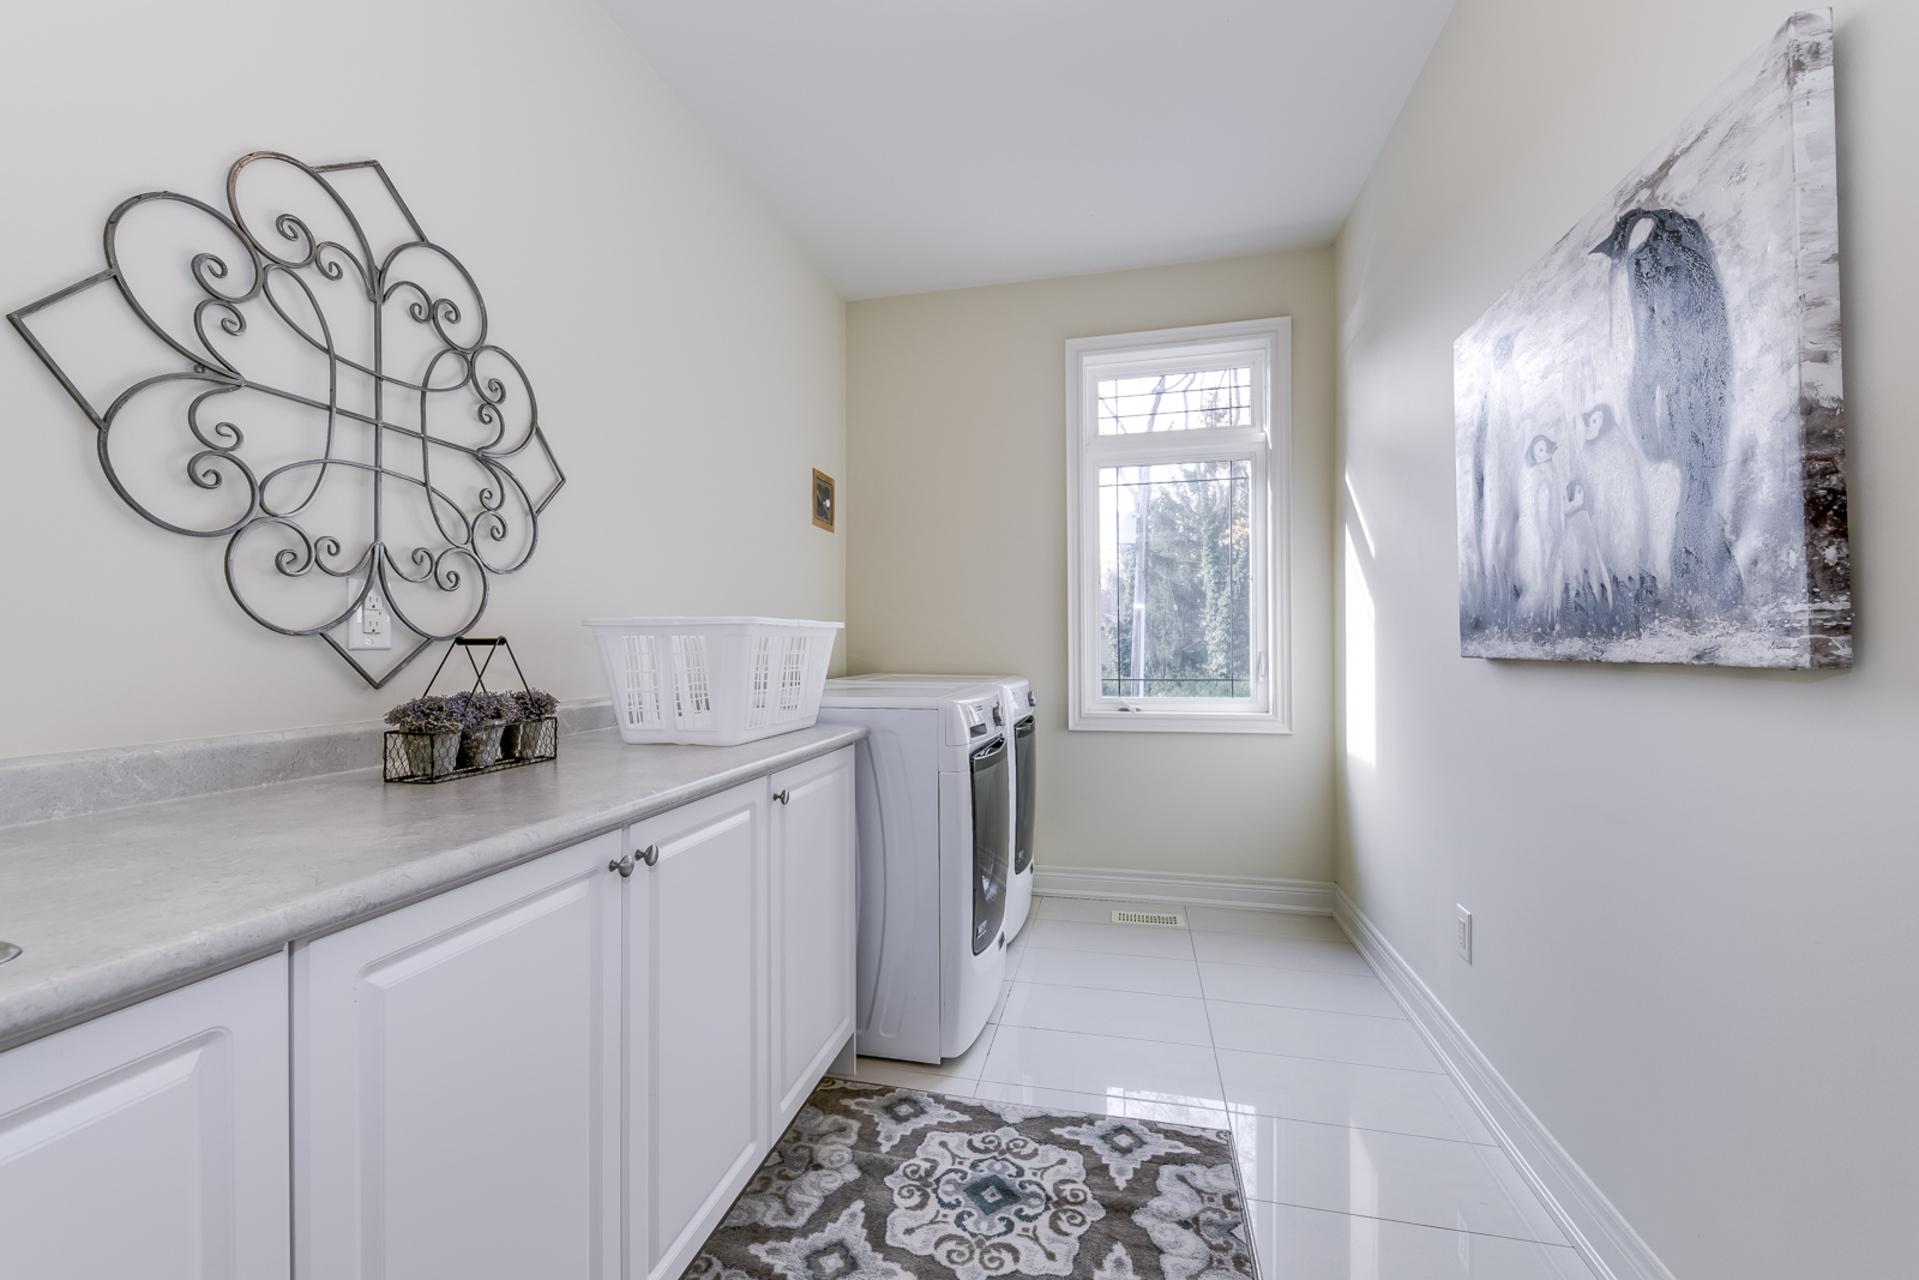 Laundry Room - 5041 Lakeshore Rd, Burlington - Elite3 & Team at 5041 Lakeshore Road, Appleby, Burlington